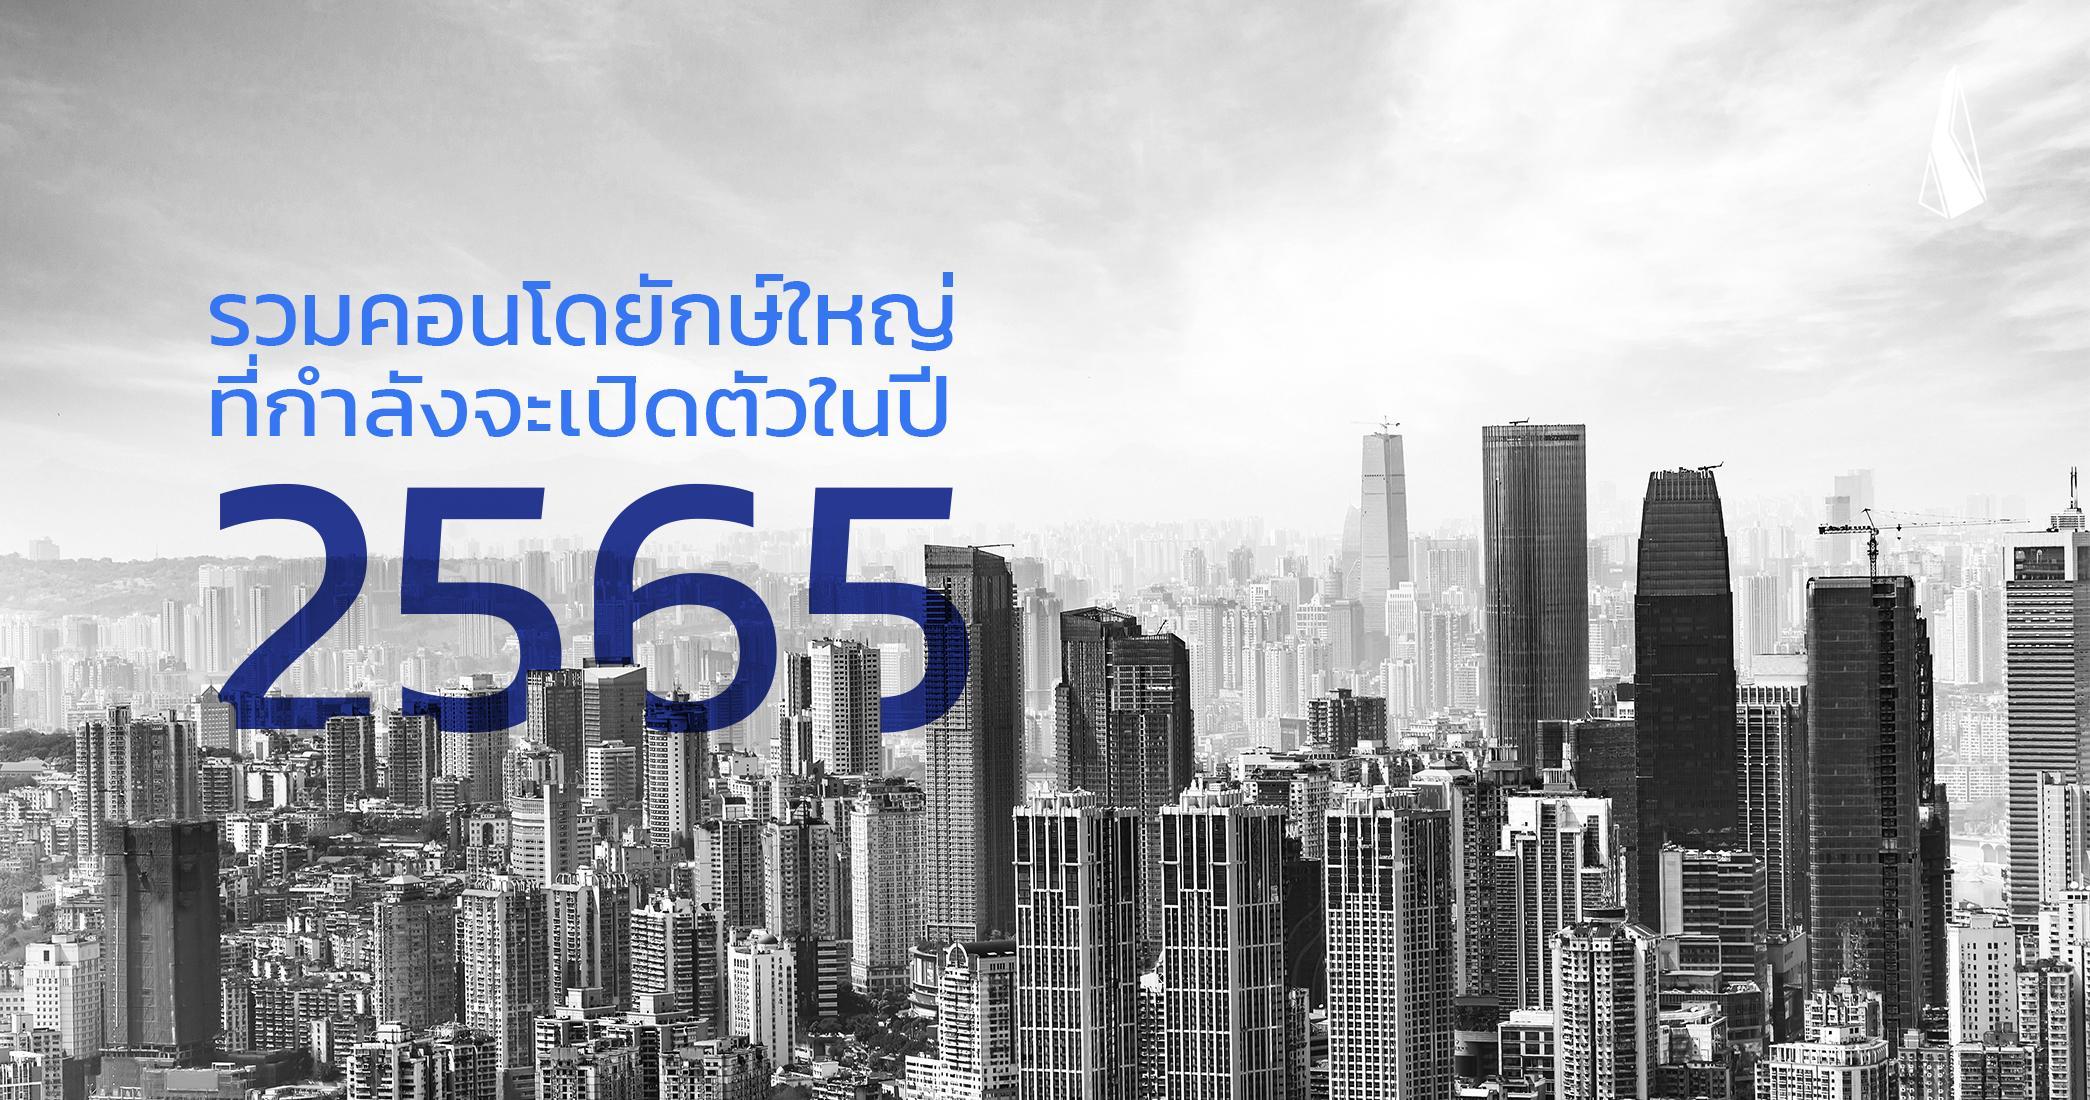 รูปบทความ รวมคอนโดยักษ์ใหญ่ที่กำลังจะเปิดตัวในปี 2565